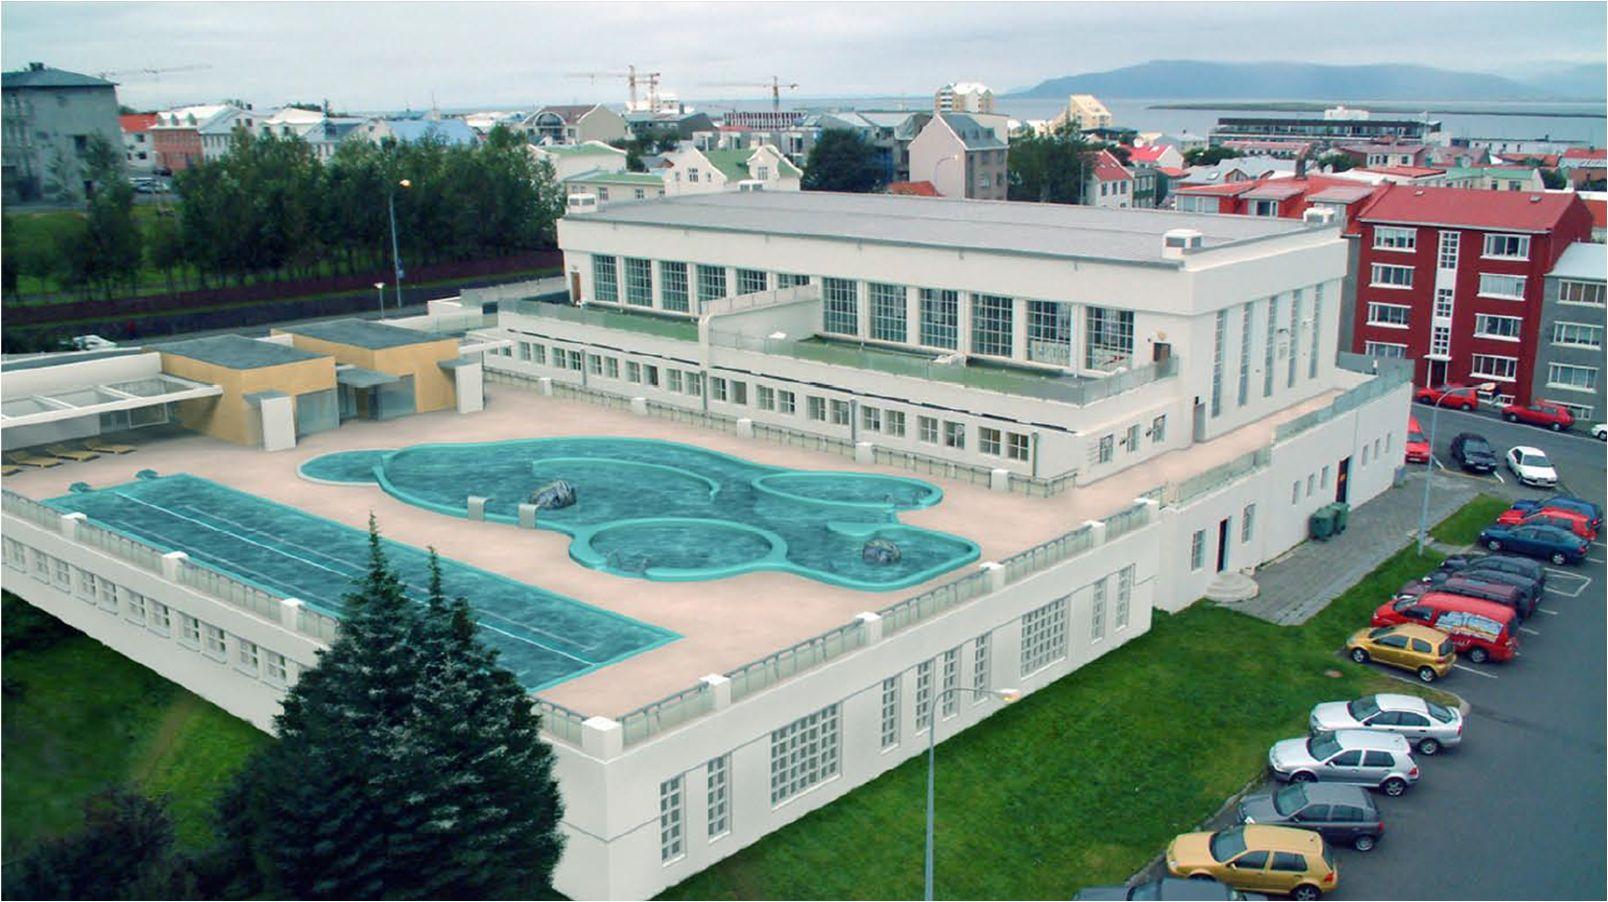 Swimming pool Reykjarvik - Sundhöll reykjarvikur